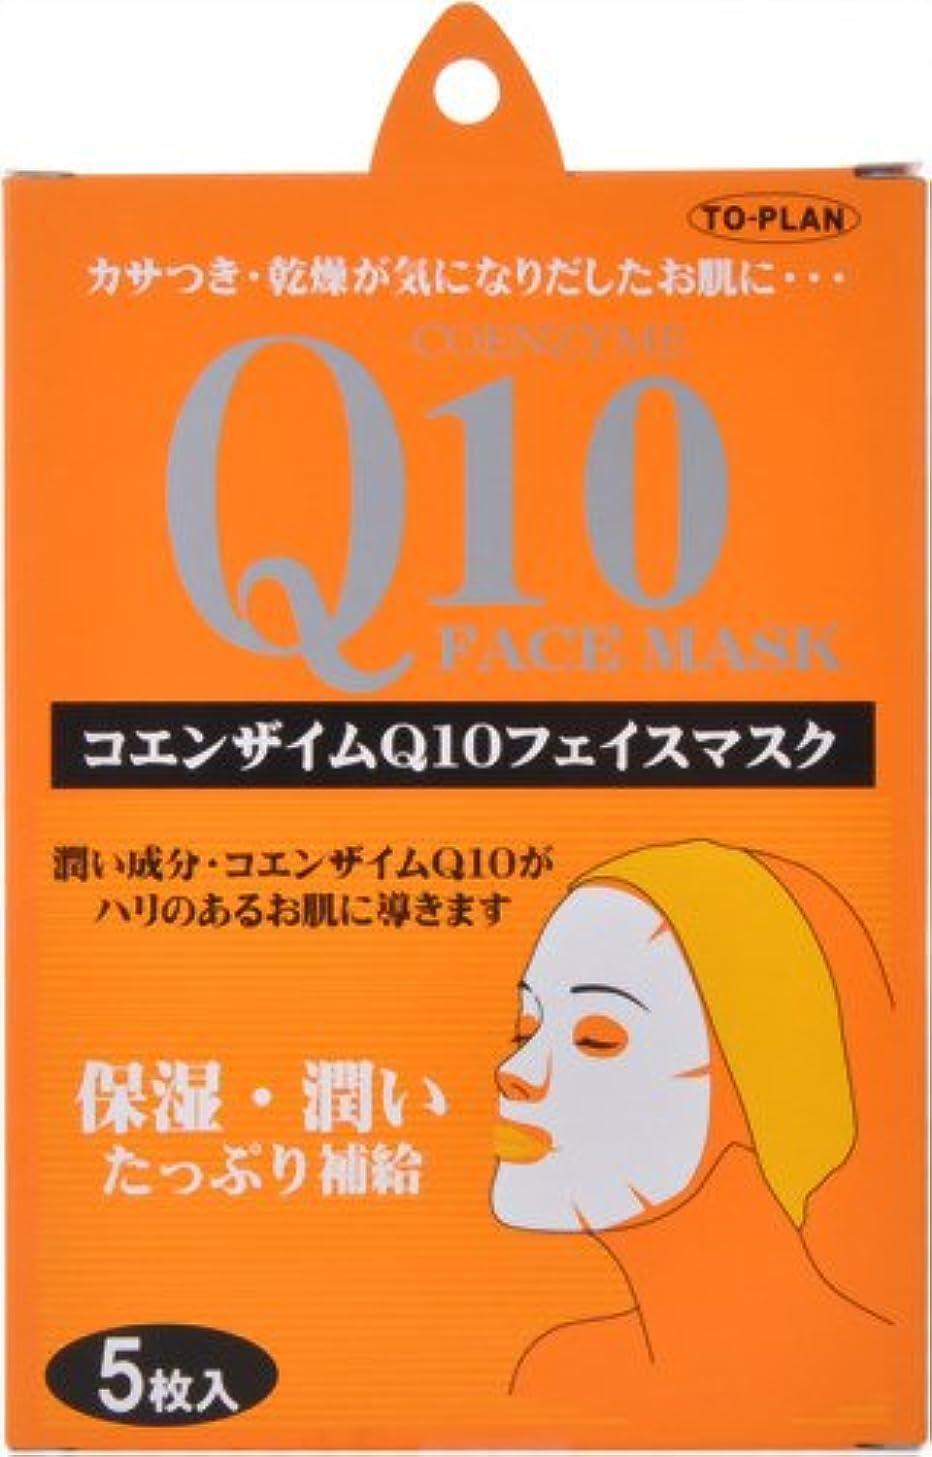 ゲージあざ教科書TO-PLAN(トプラン) Q10フェイスマスク 5枚入り